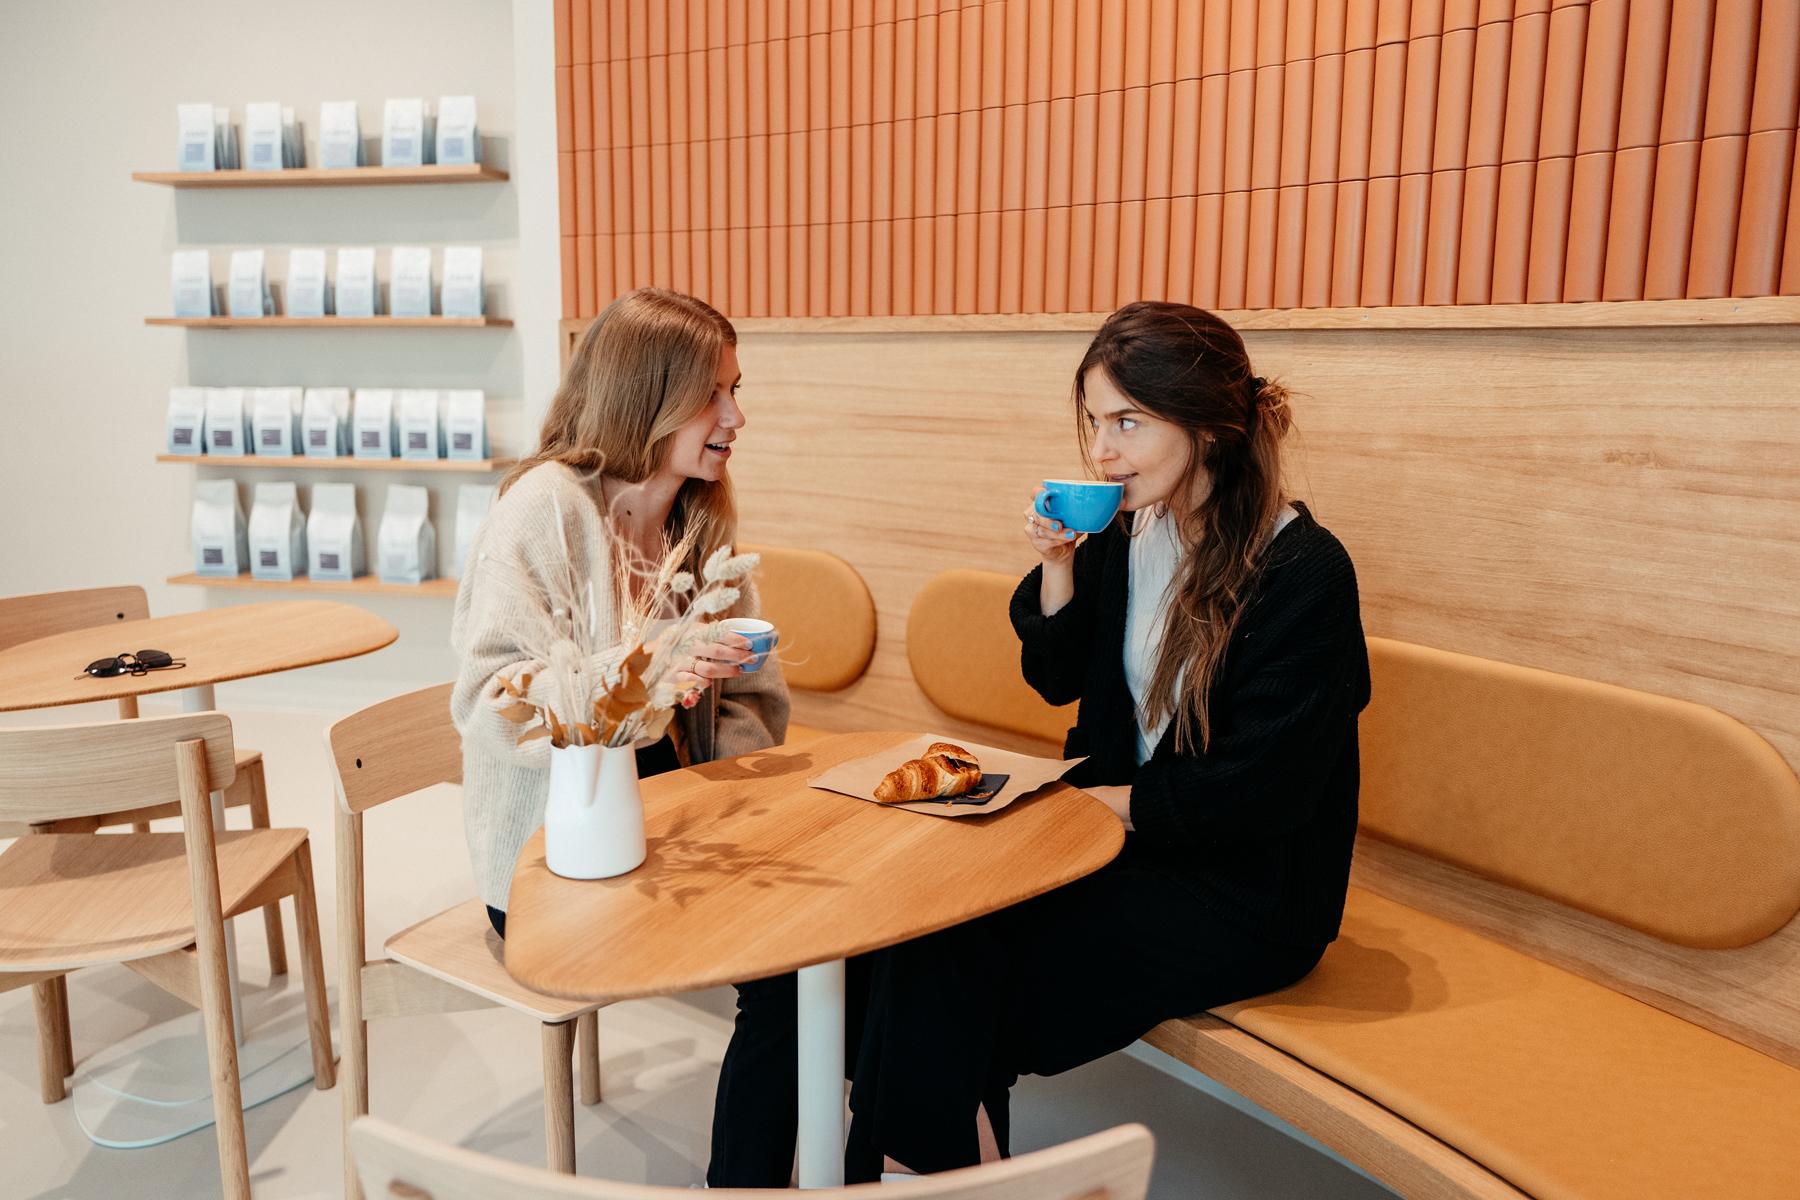 Geheimtipp Hamburg Altona Café Codos Dahlina Sophie Kock 70